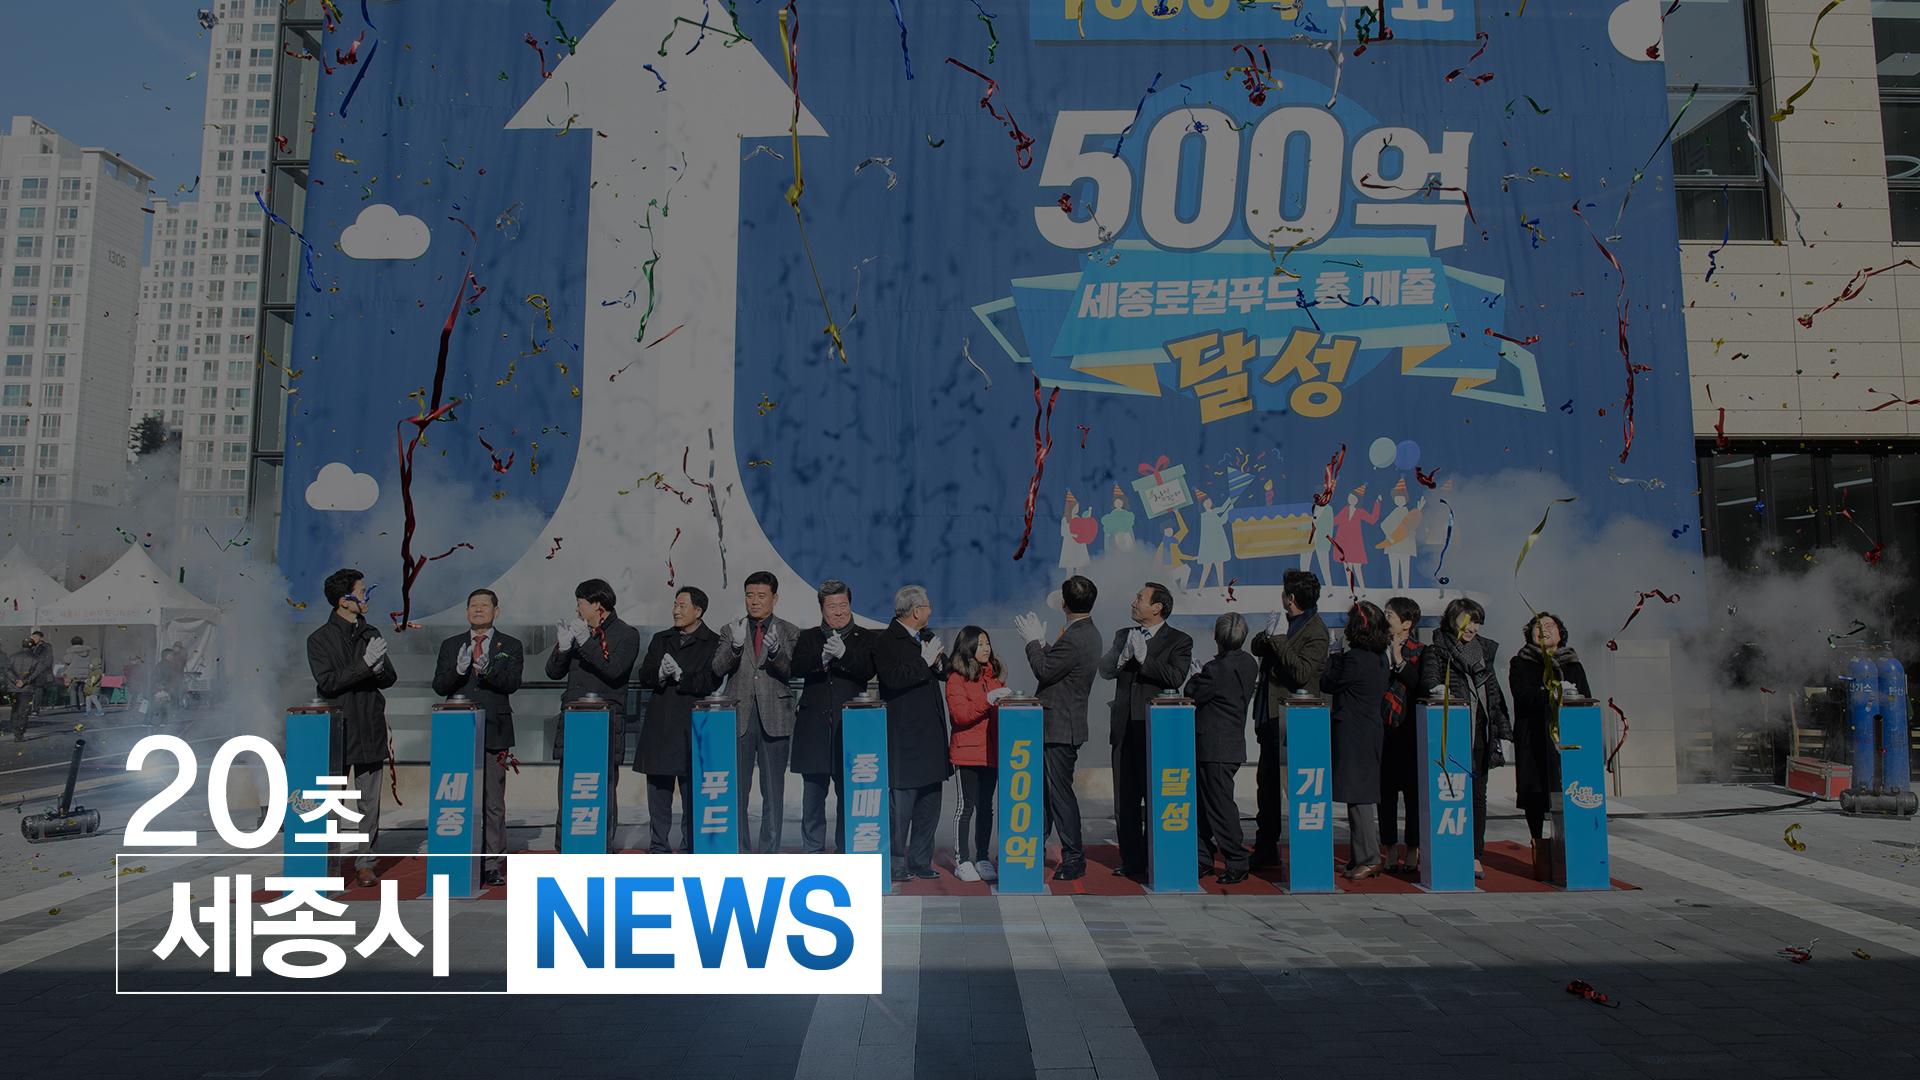 <20초뉴스> 싱싱장터 누적매출 3년 3월 만에 500억 달성